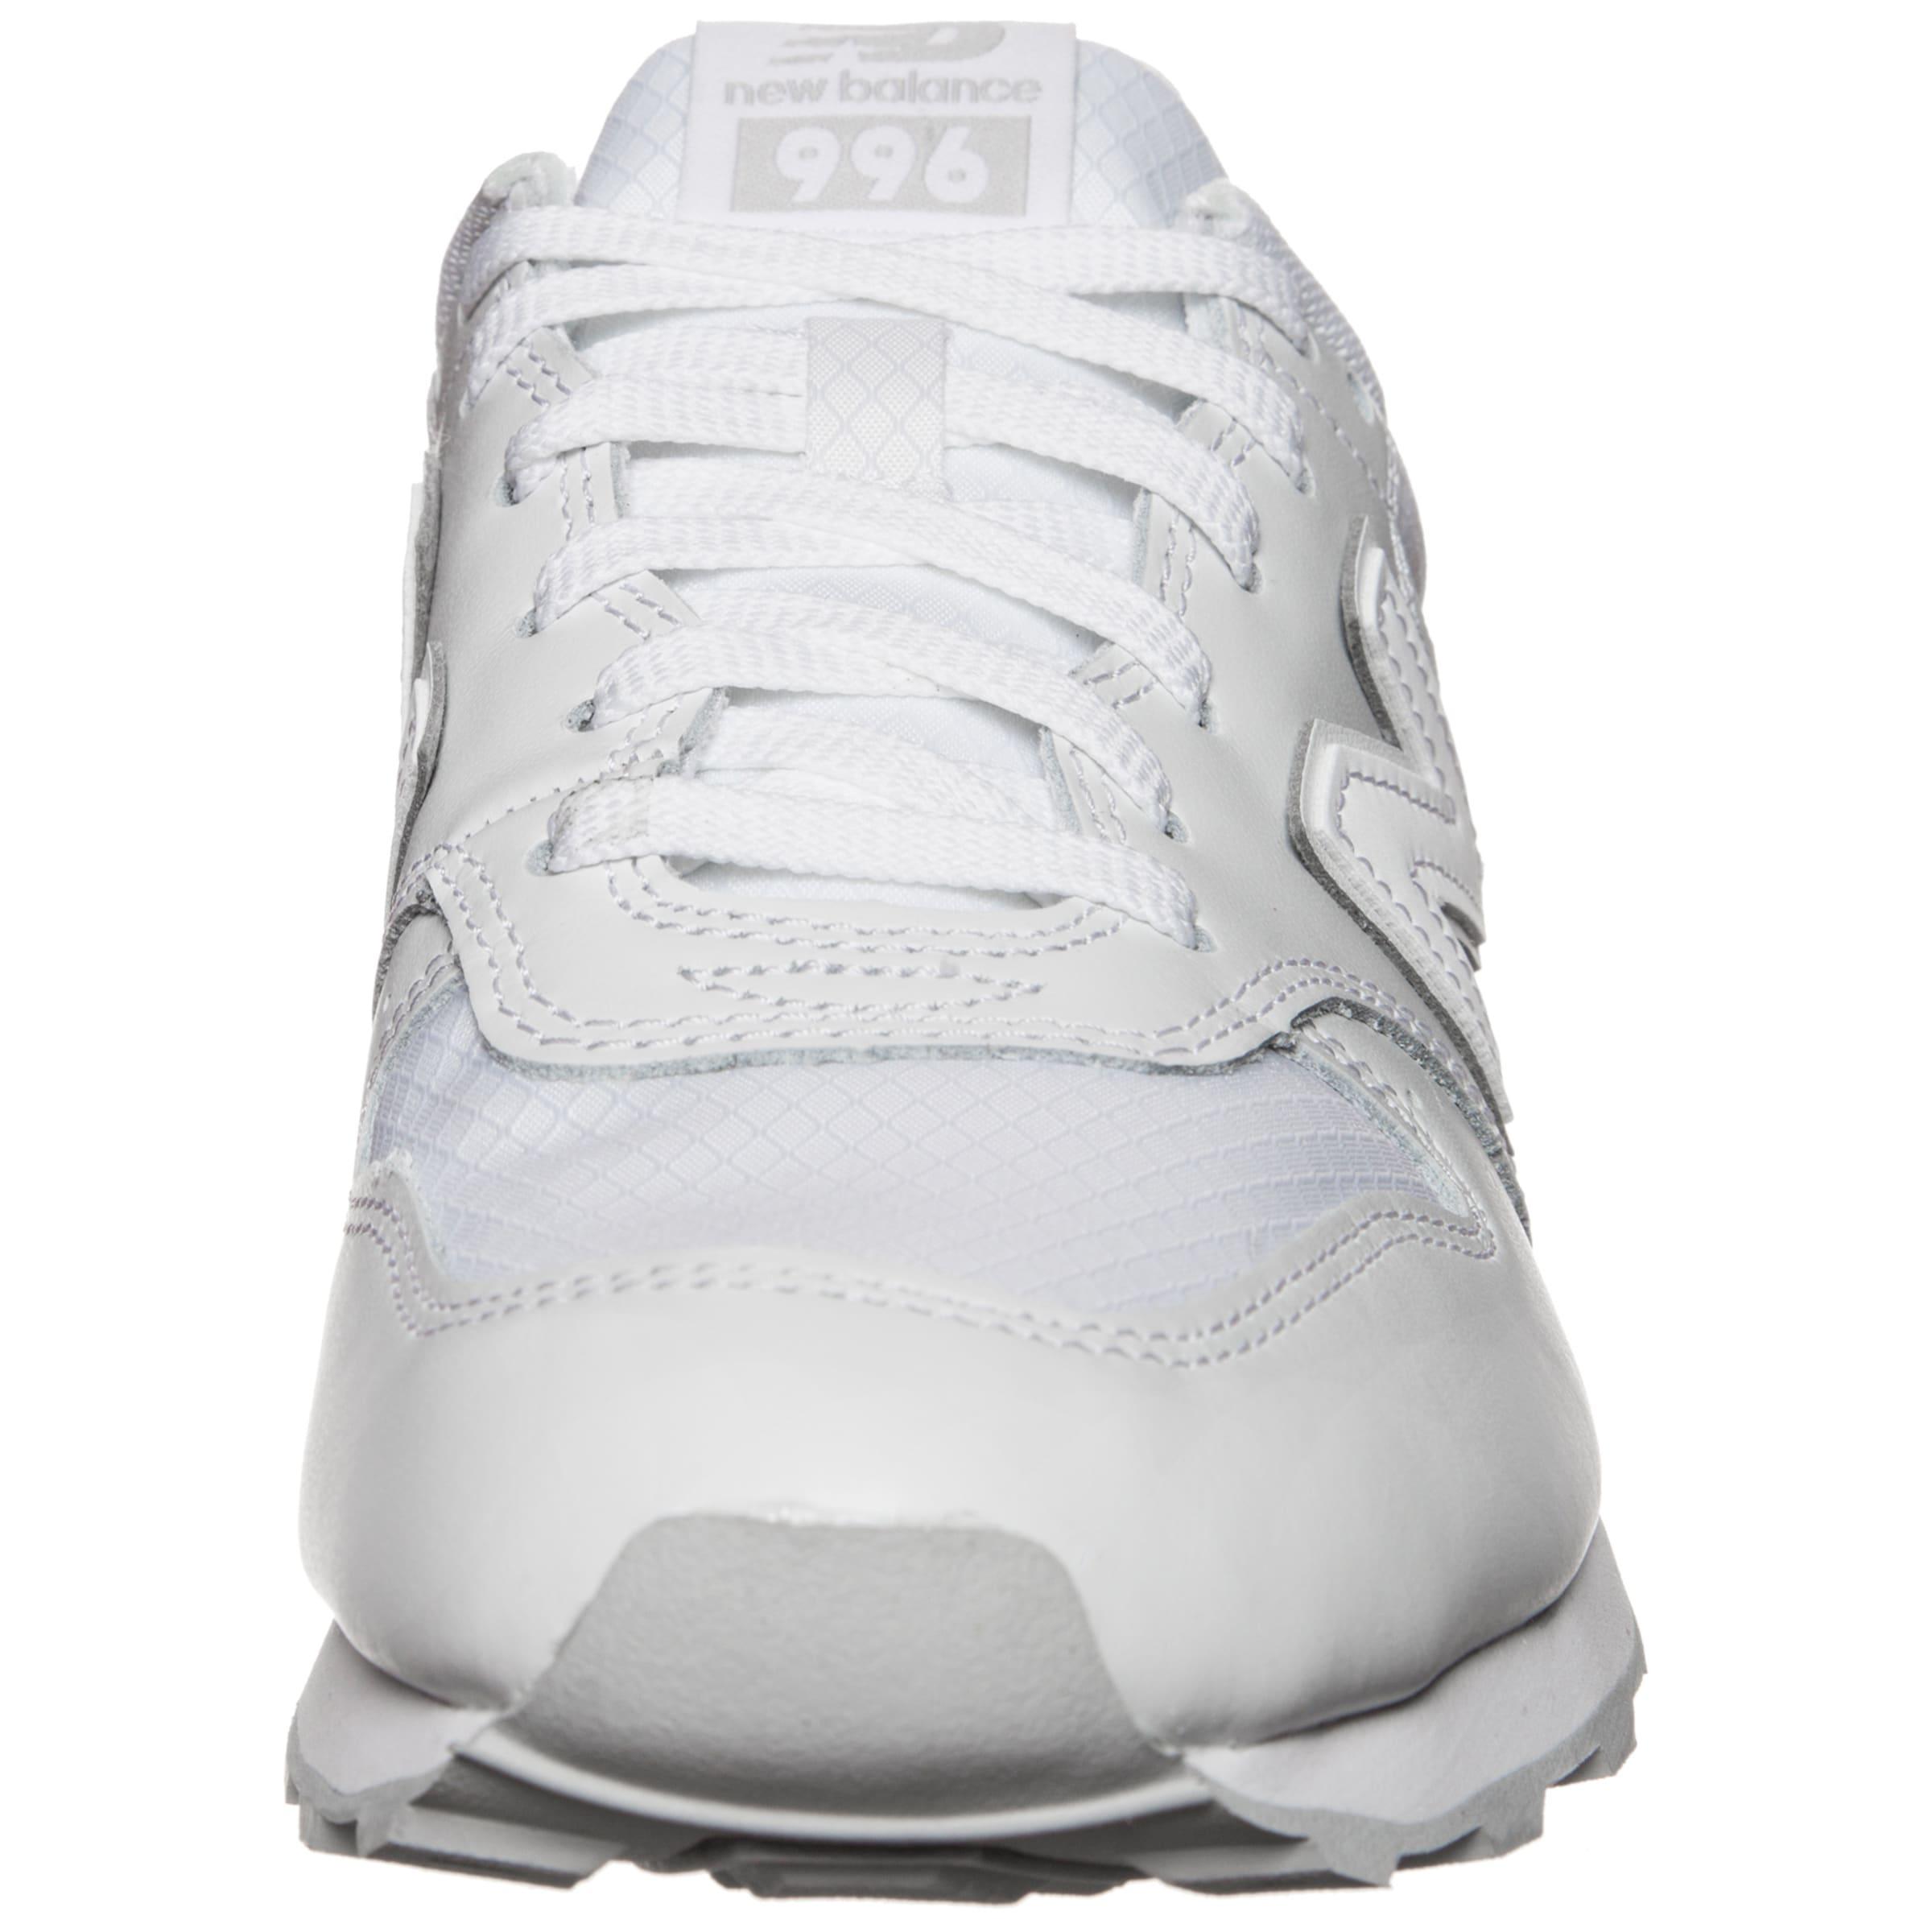 Rabatt Aaa Auslass Schnelle Lieferung new balance 'WR996-SG-D' Sneaker Damen Billig Verkauf Beliebt Spielraum Wiki Erscheinungsdaten Günstigen Preis NRxAM7YPA9